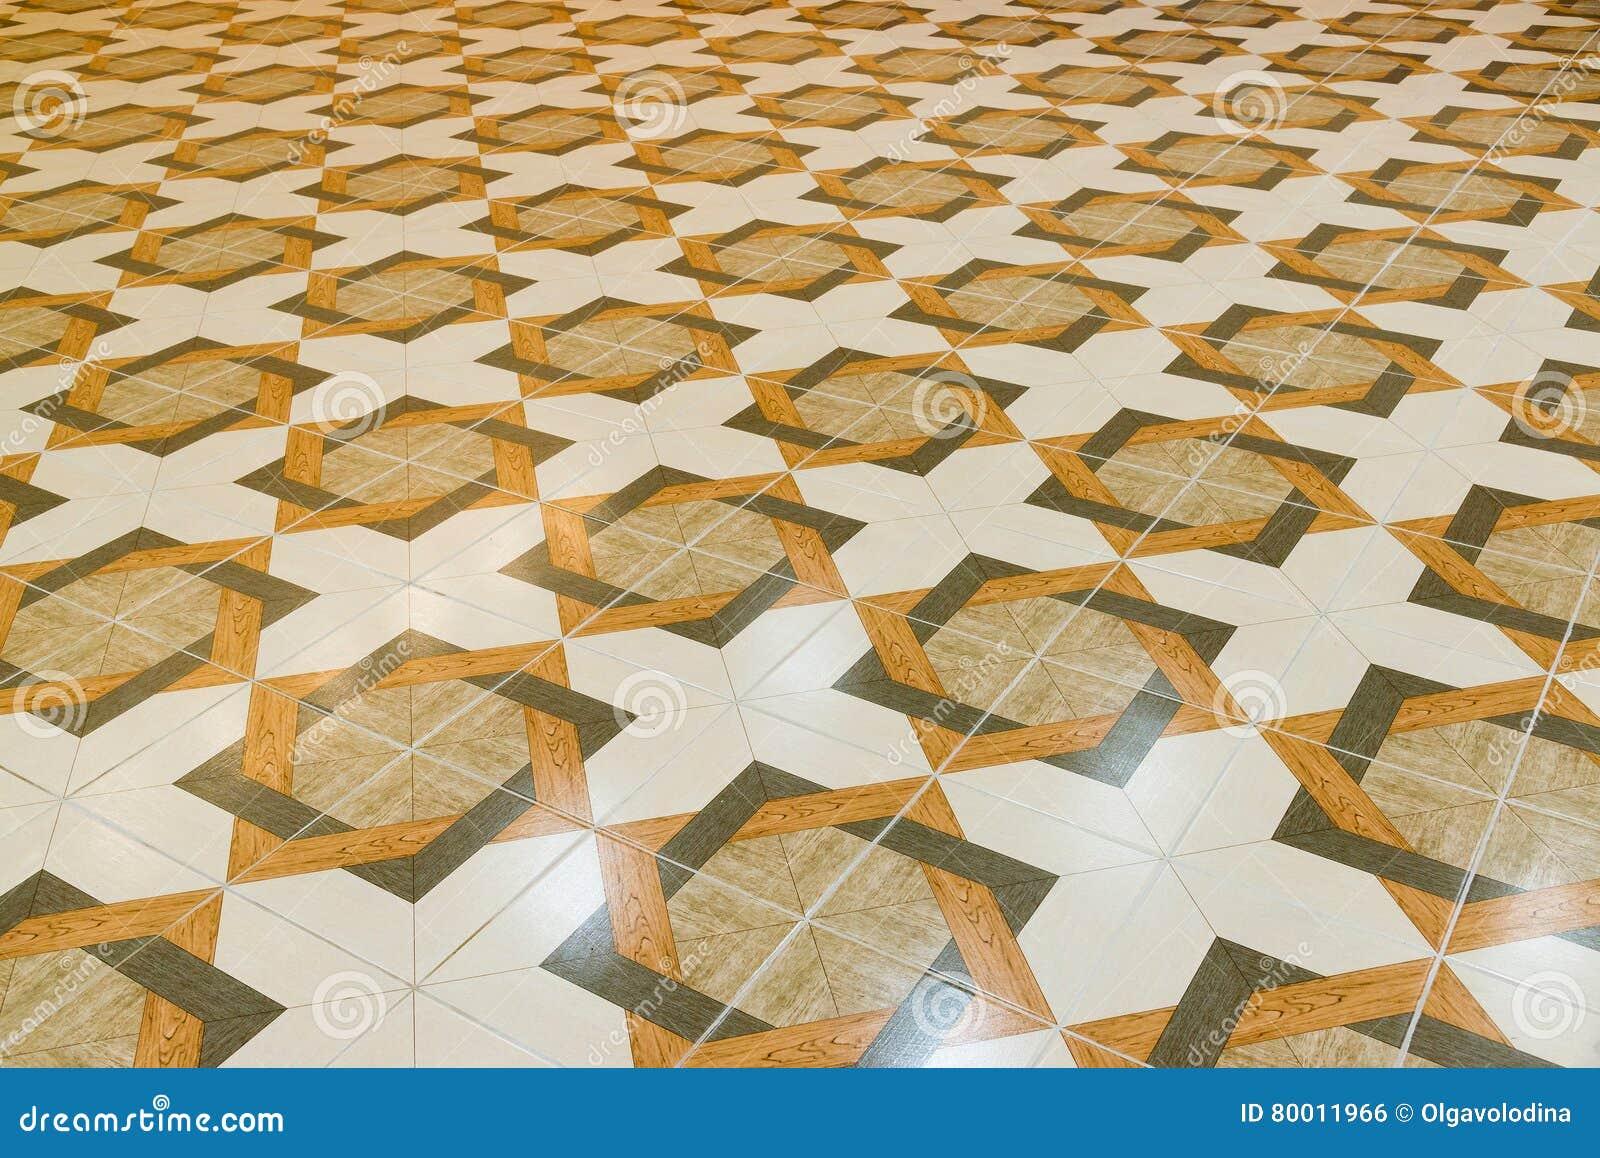 Fußboden Gießen Quantum ~ Fußboden aus alten ziegeln fußboden aus alten ziegelsteinen